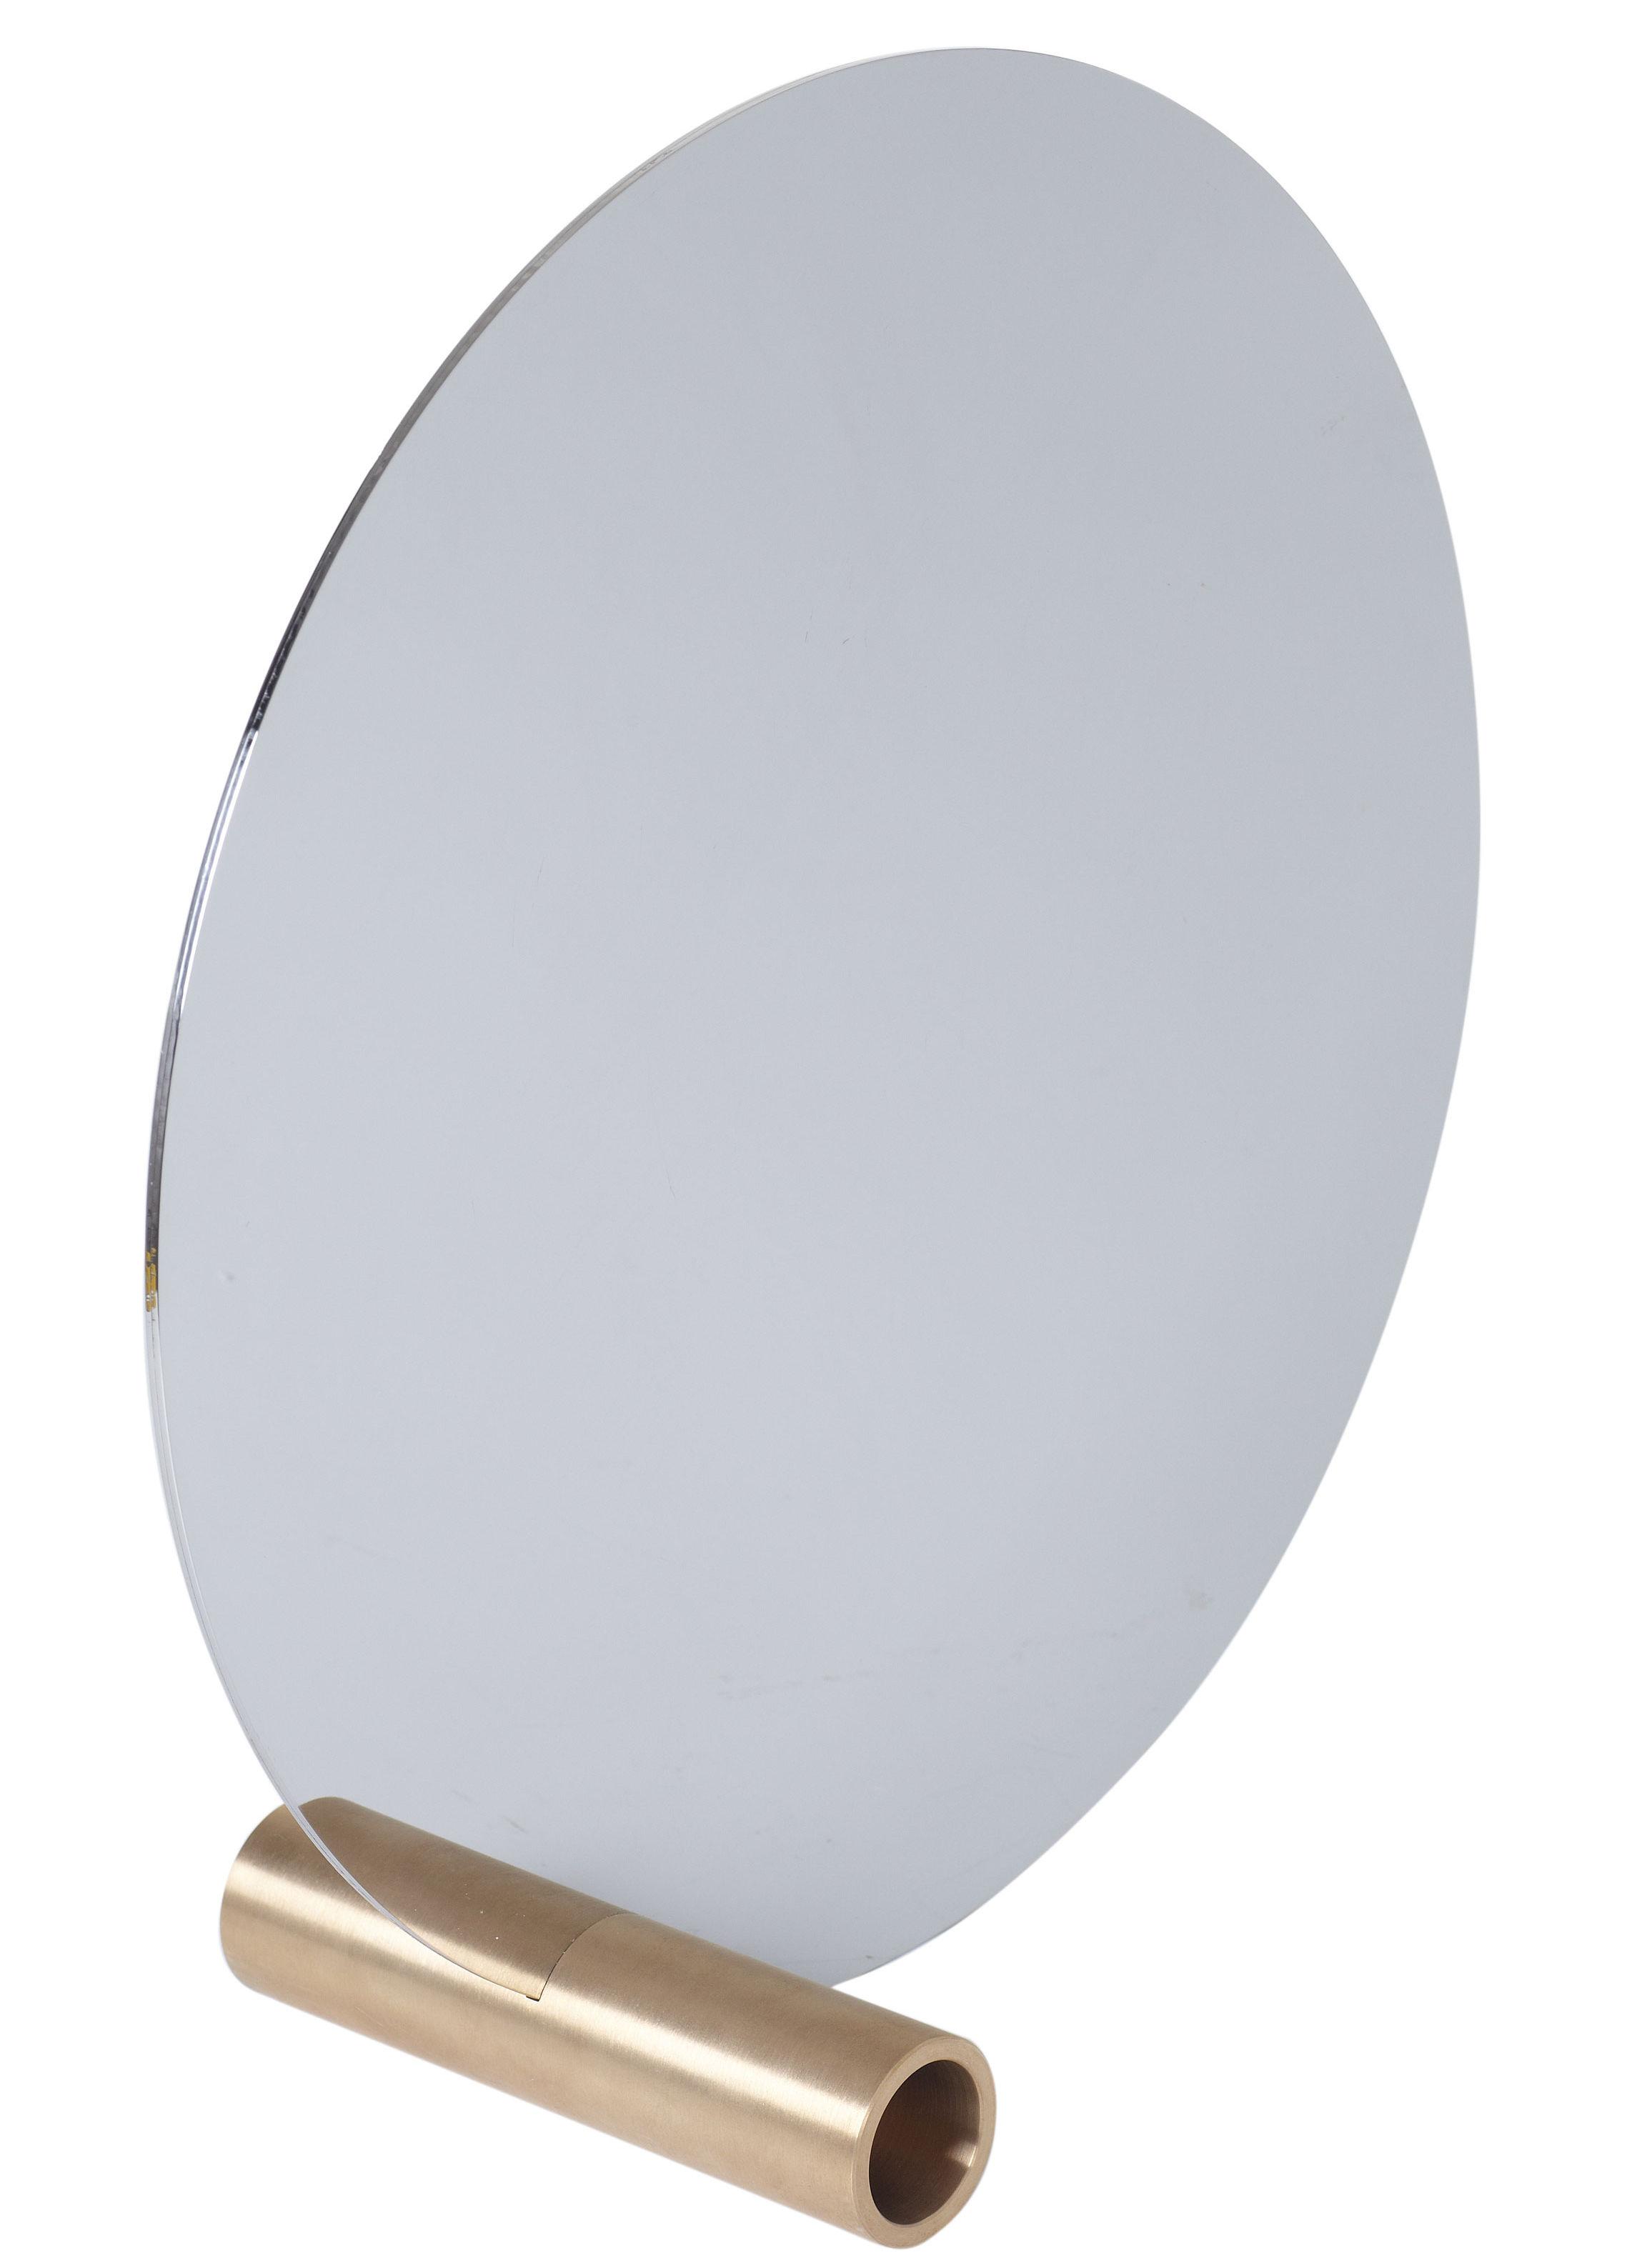 Miroir disque 30 cm miroir base laiton l 39 atelier d for Miroir 30 cm